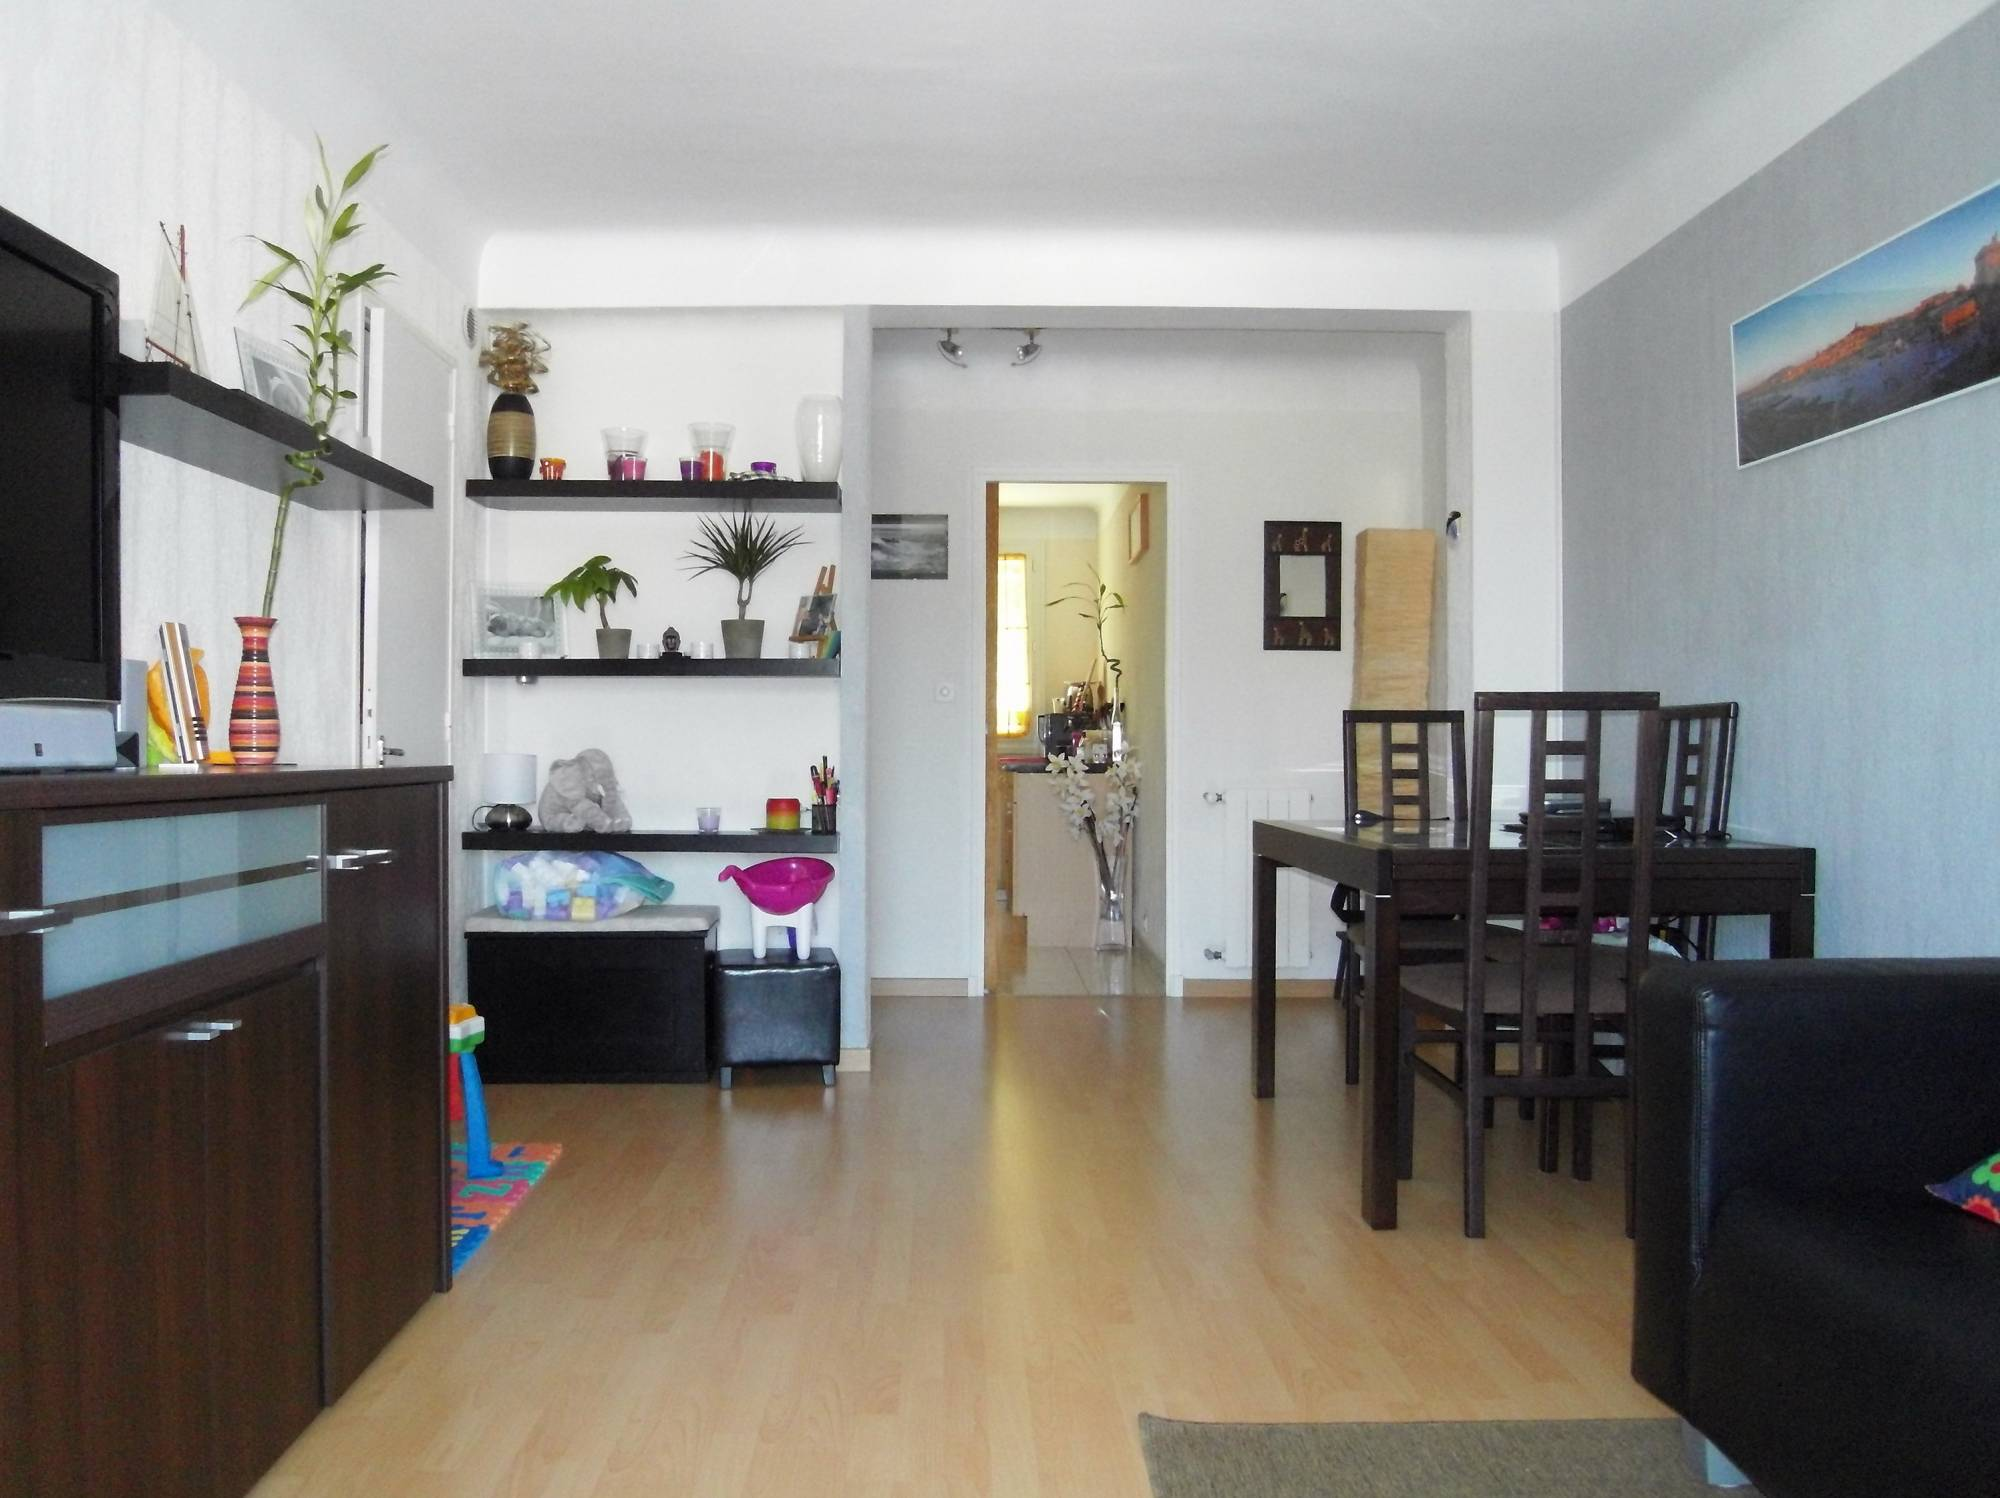 Estimation pour vente maison 4 chambres la ciotat 13600 for Vente maison ou appartement